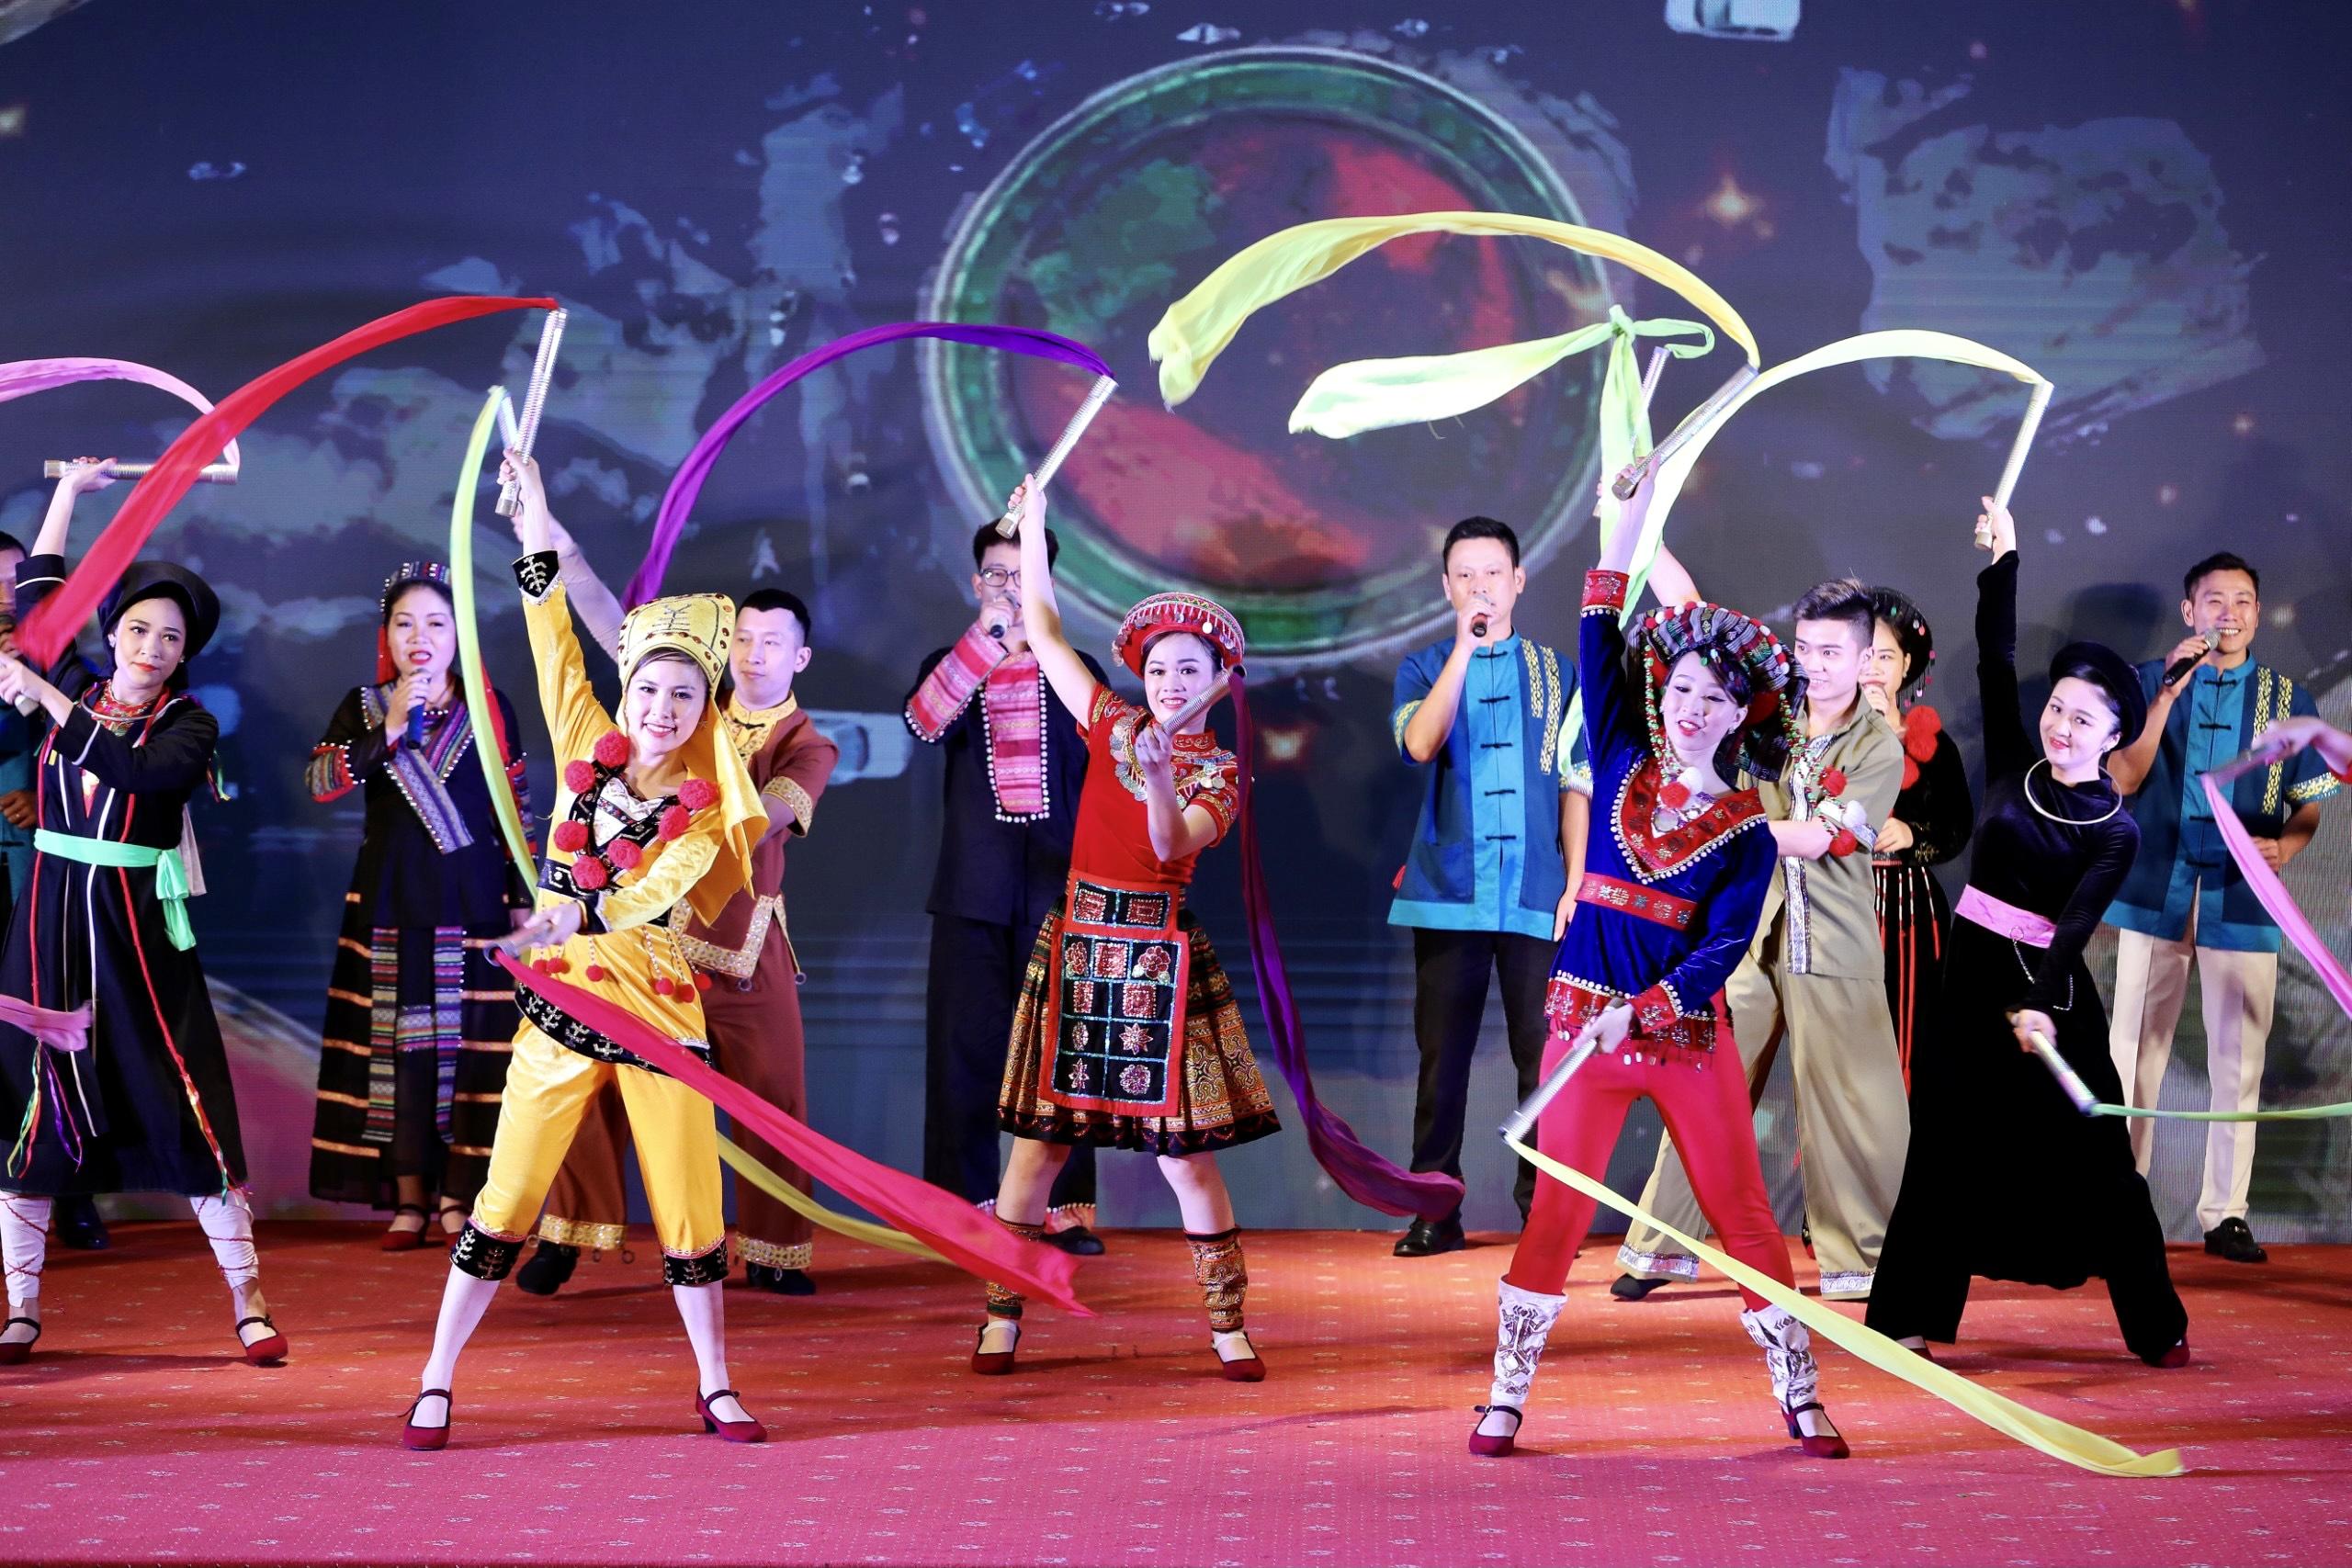 Tiết mục văn nghệ biểu diễn tại Hội nghị mang đậm bản sắc văn hóa dân tộc